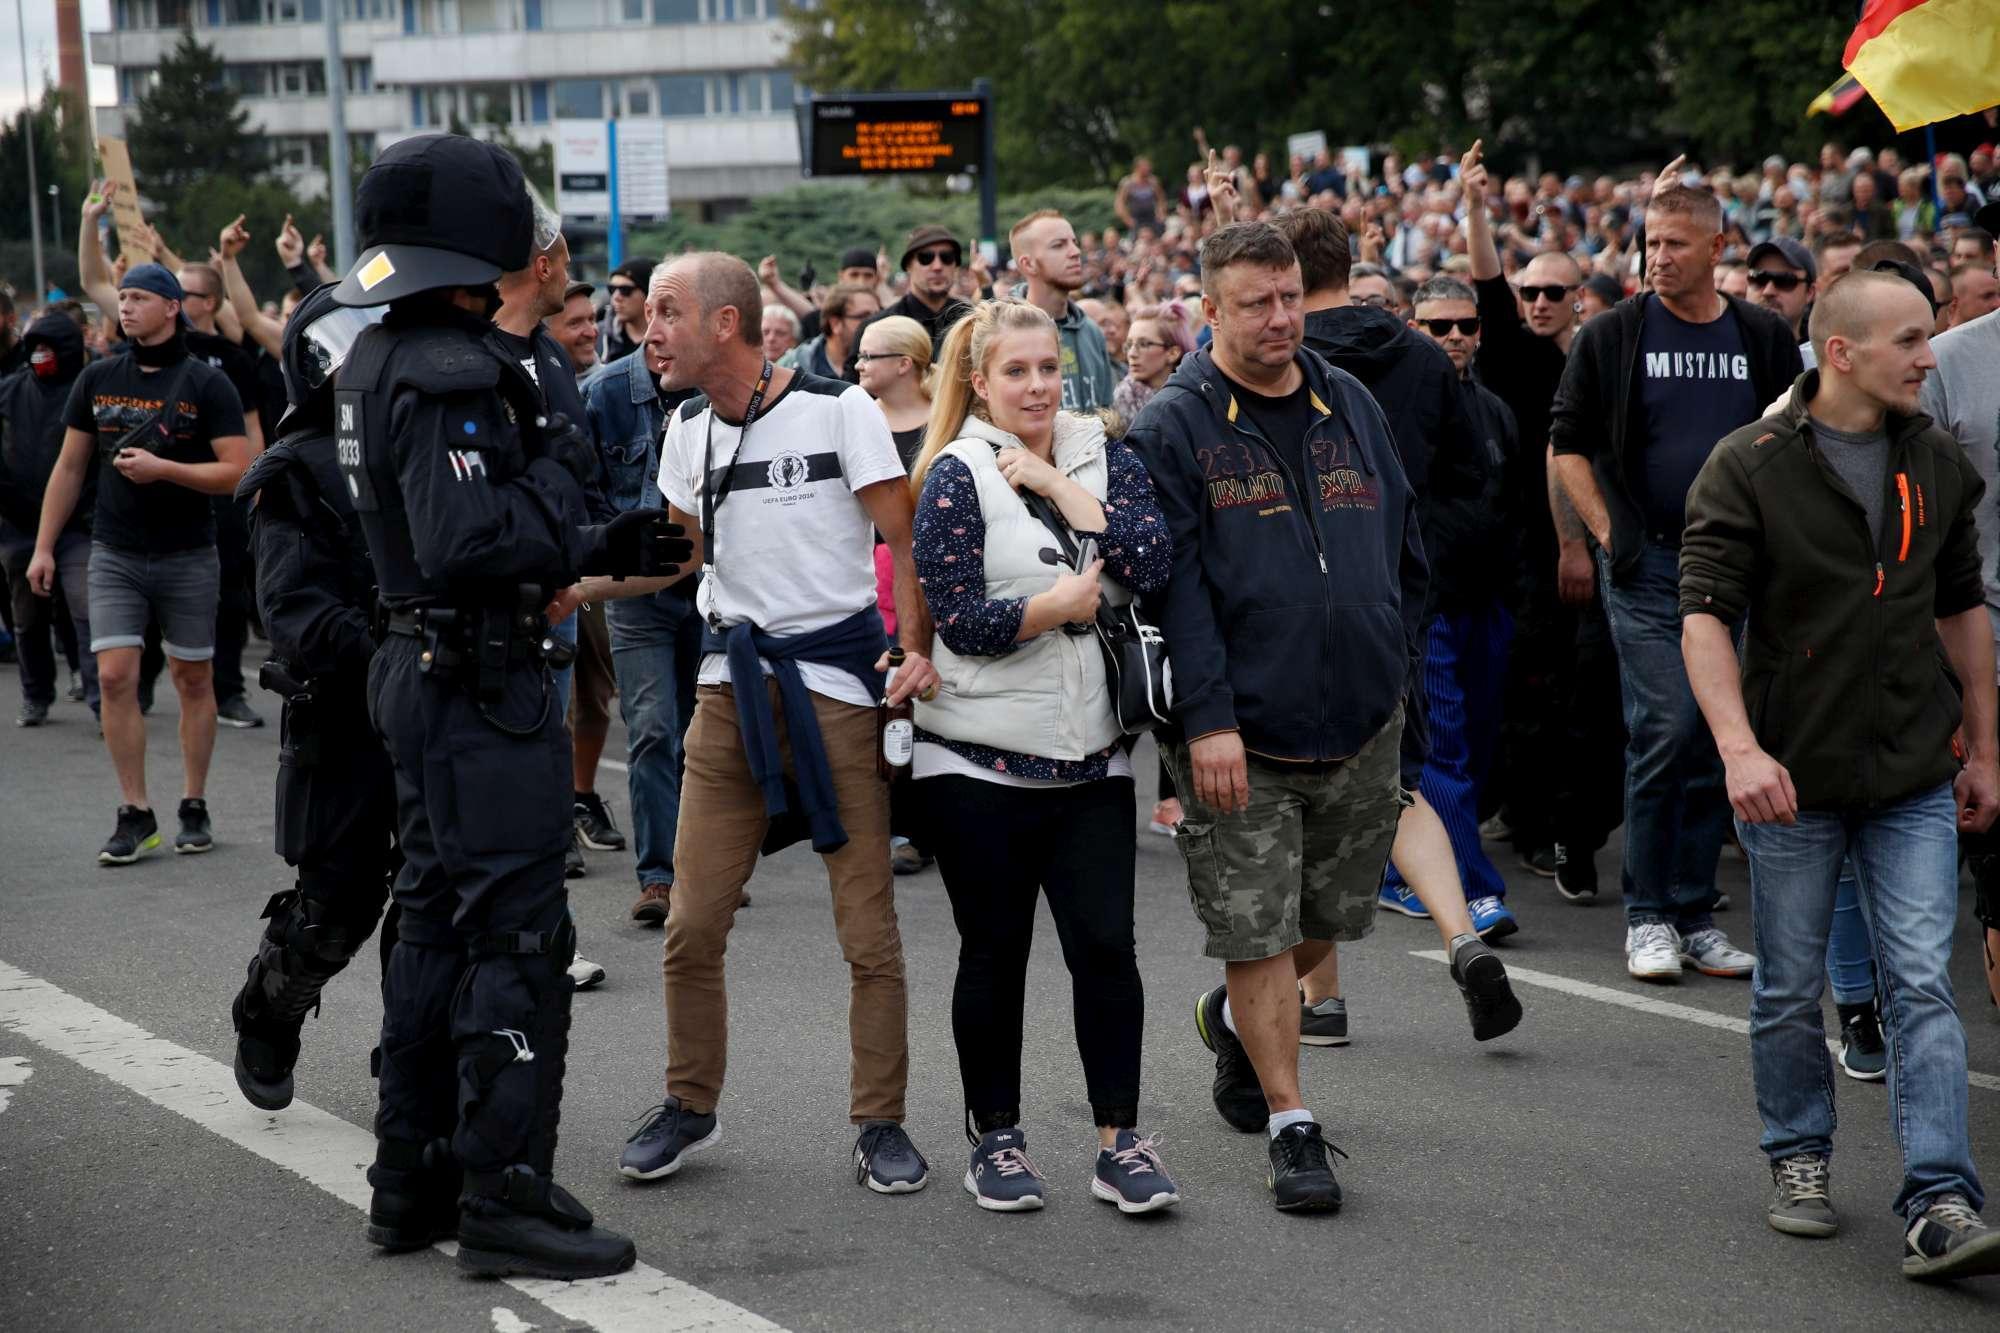 Germania, scontri tra neo-nazisti e militanti di sinistra: venti feriti